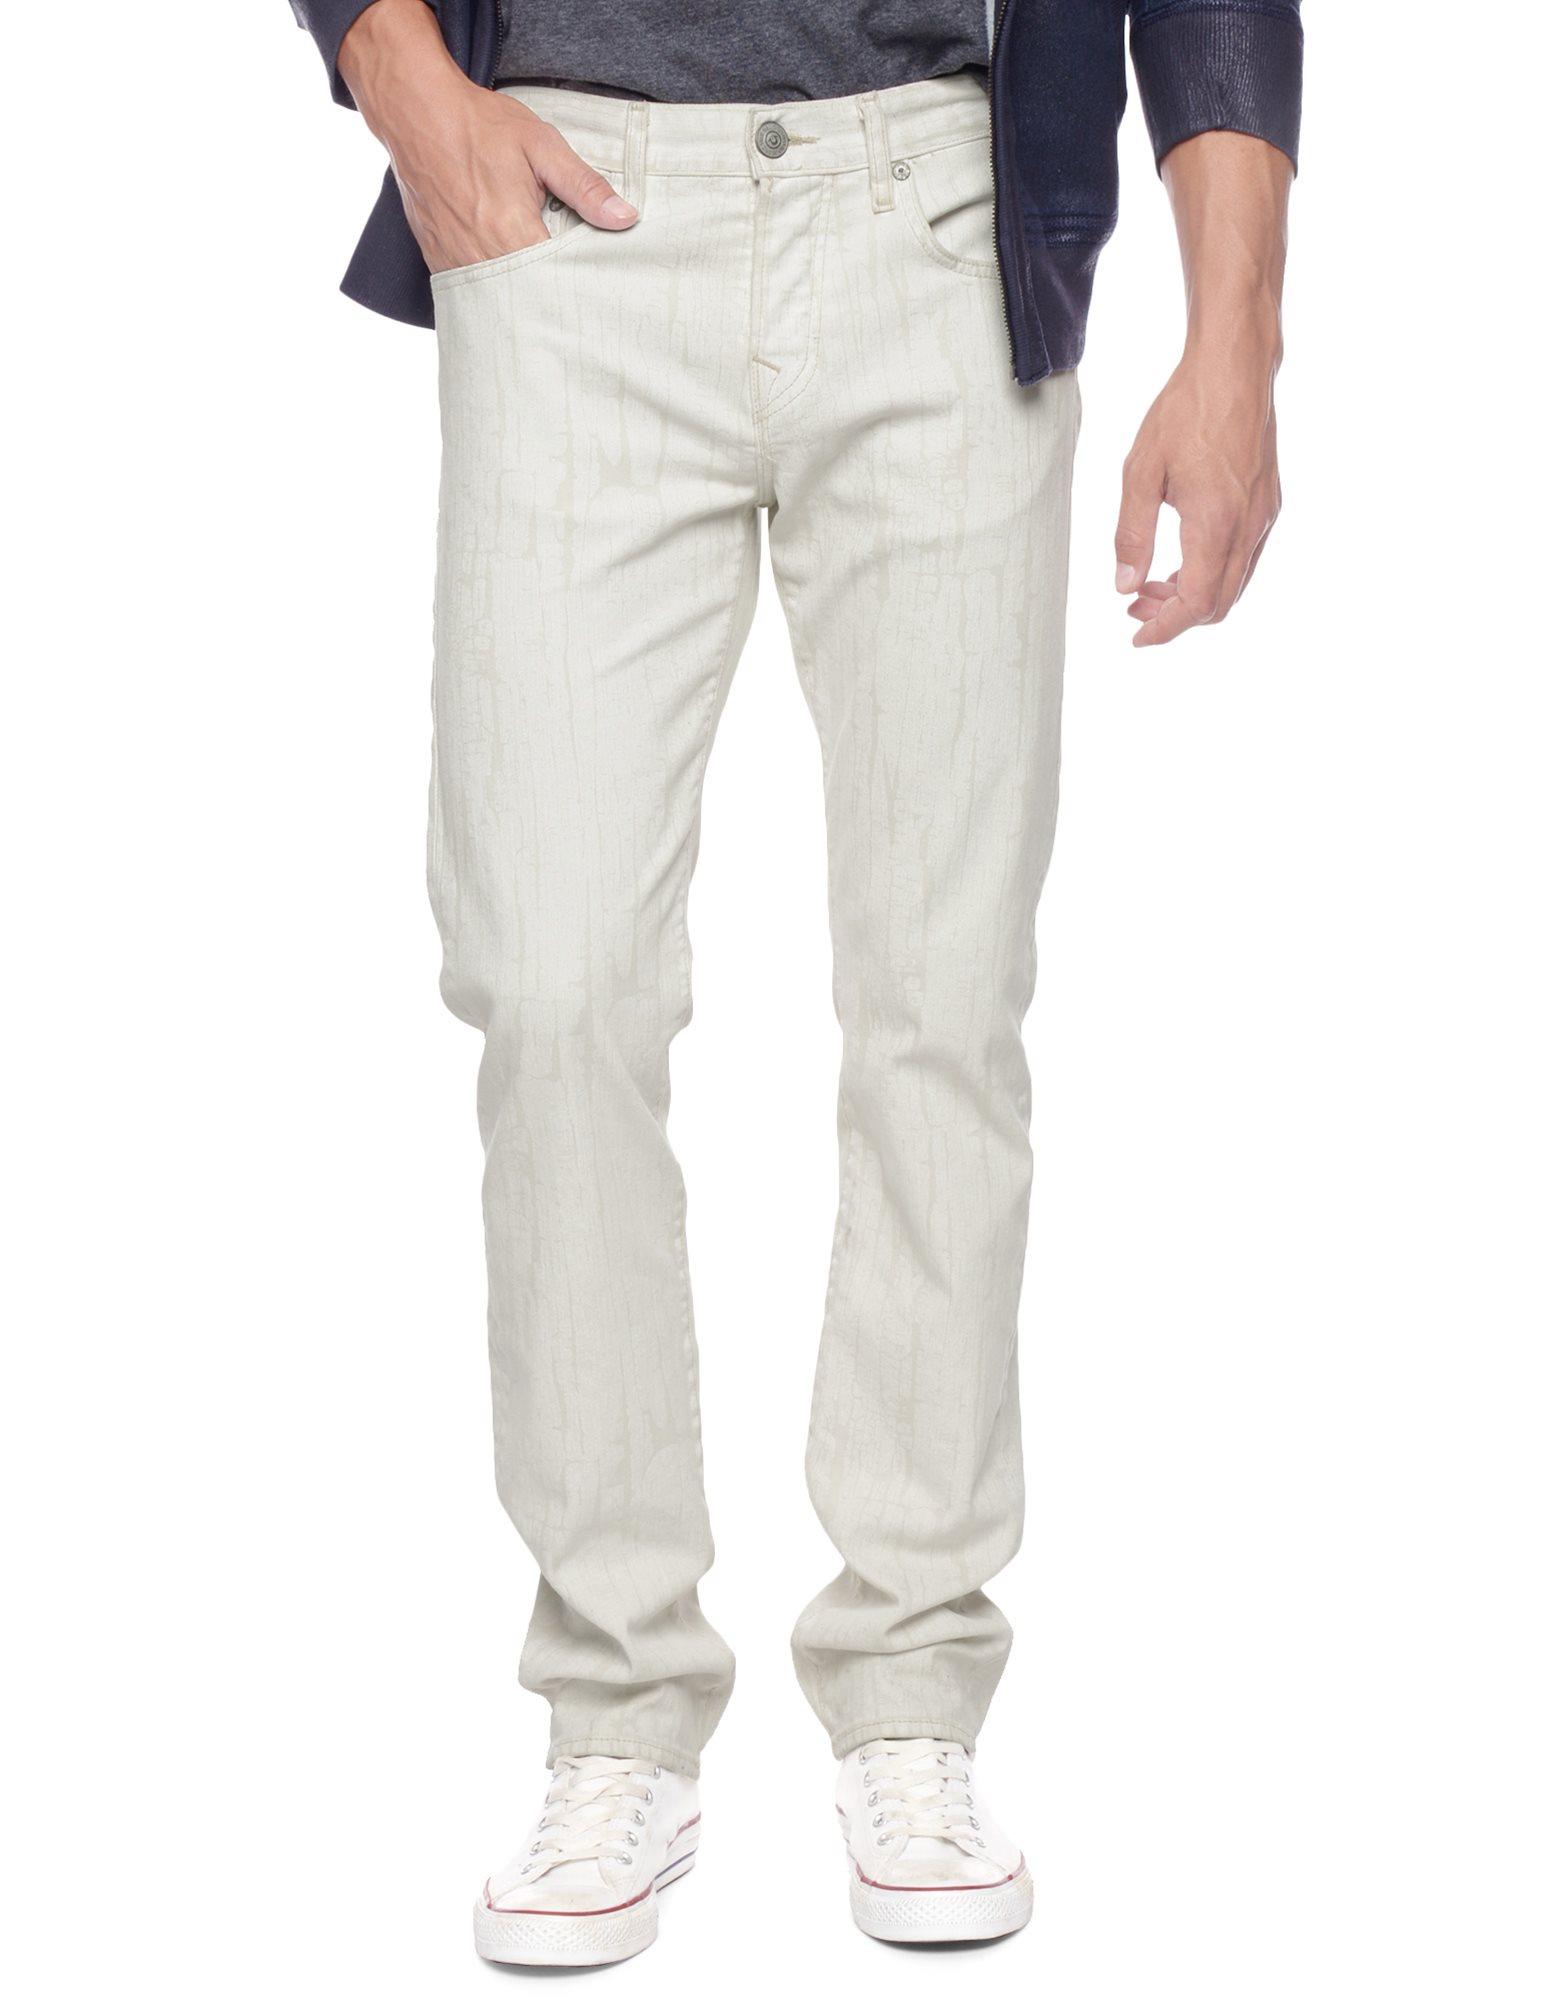 True religion Rocco Skinny White Aspen Renegade Mens Jean ...